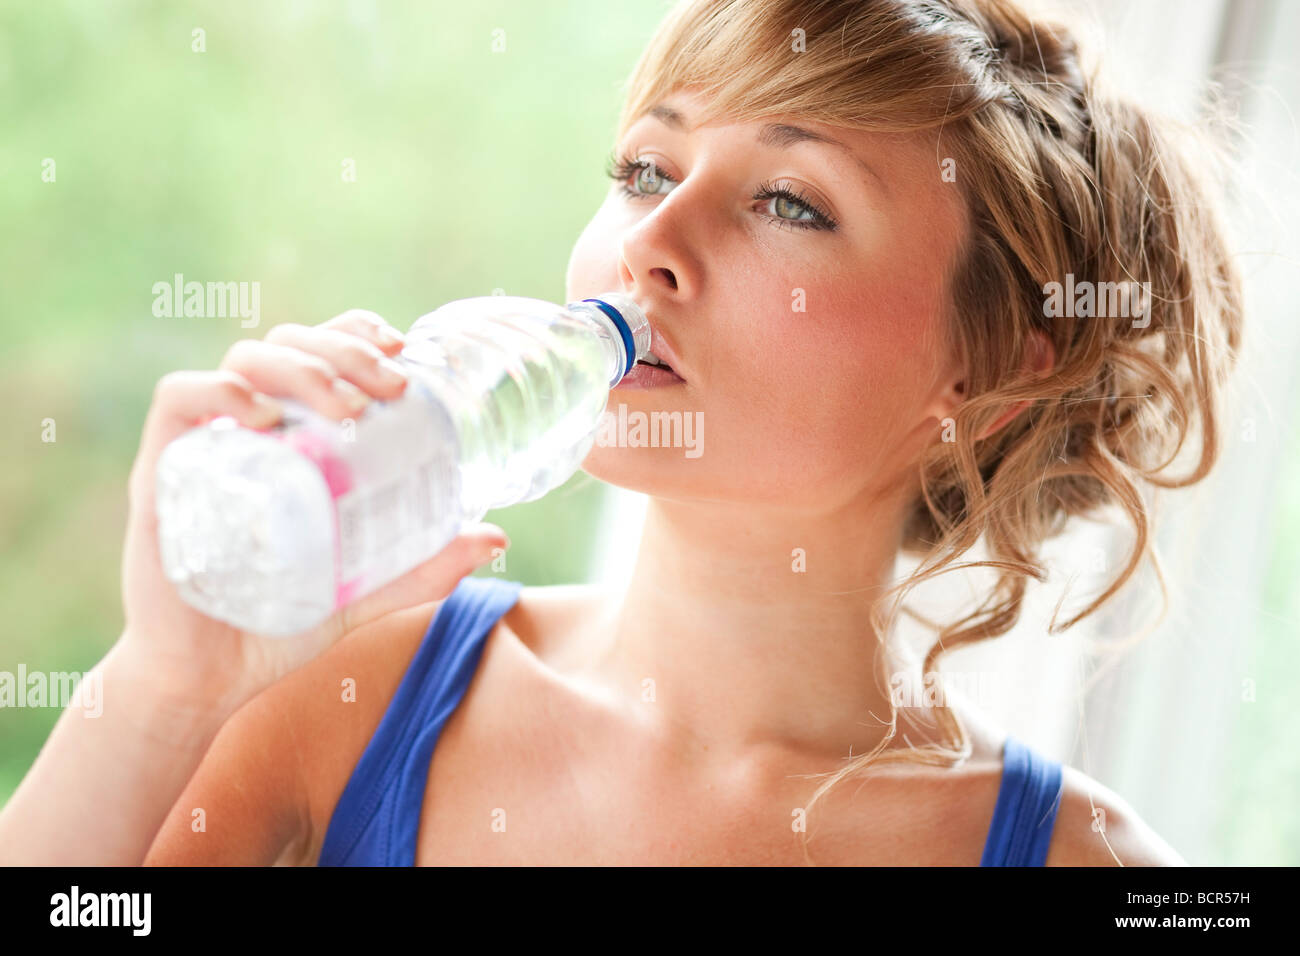 Ragazza di bere un bicchiere di acqua Immagini Stock